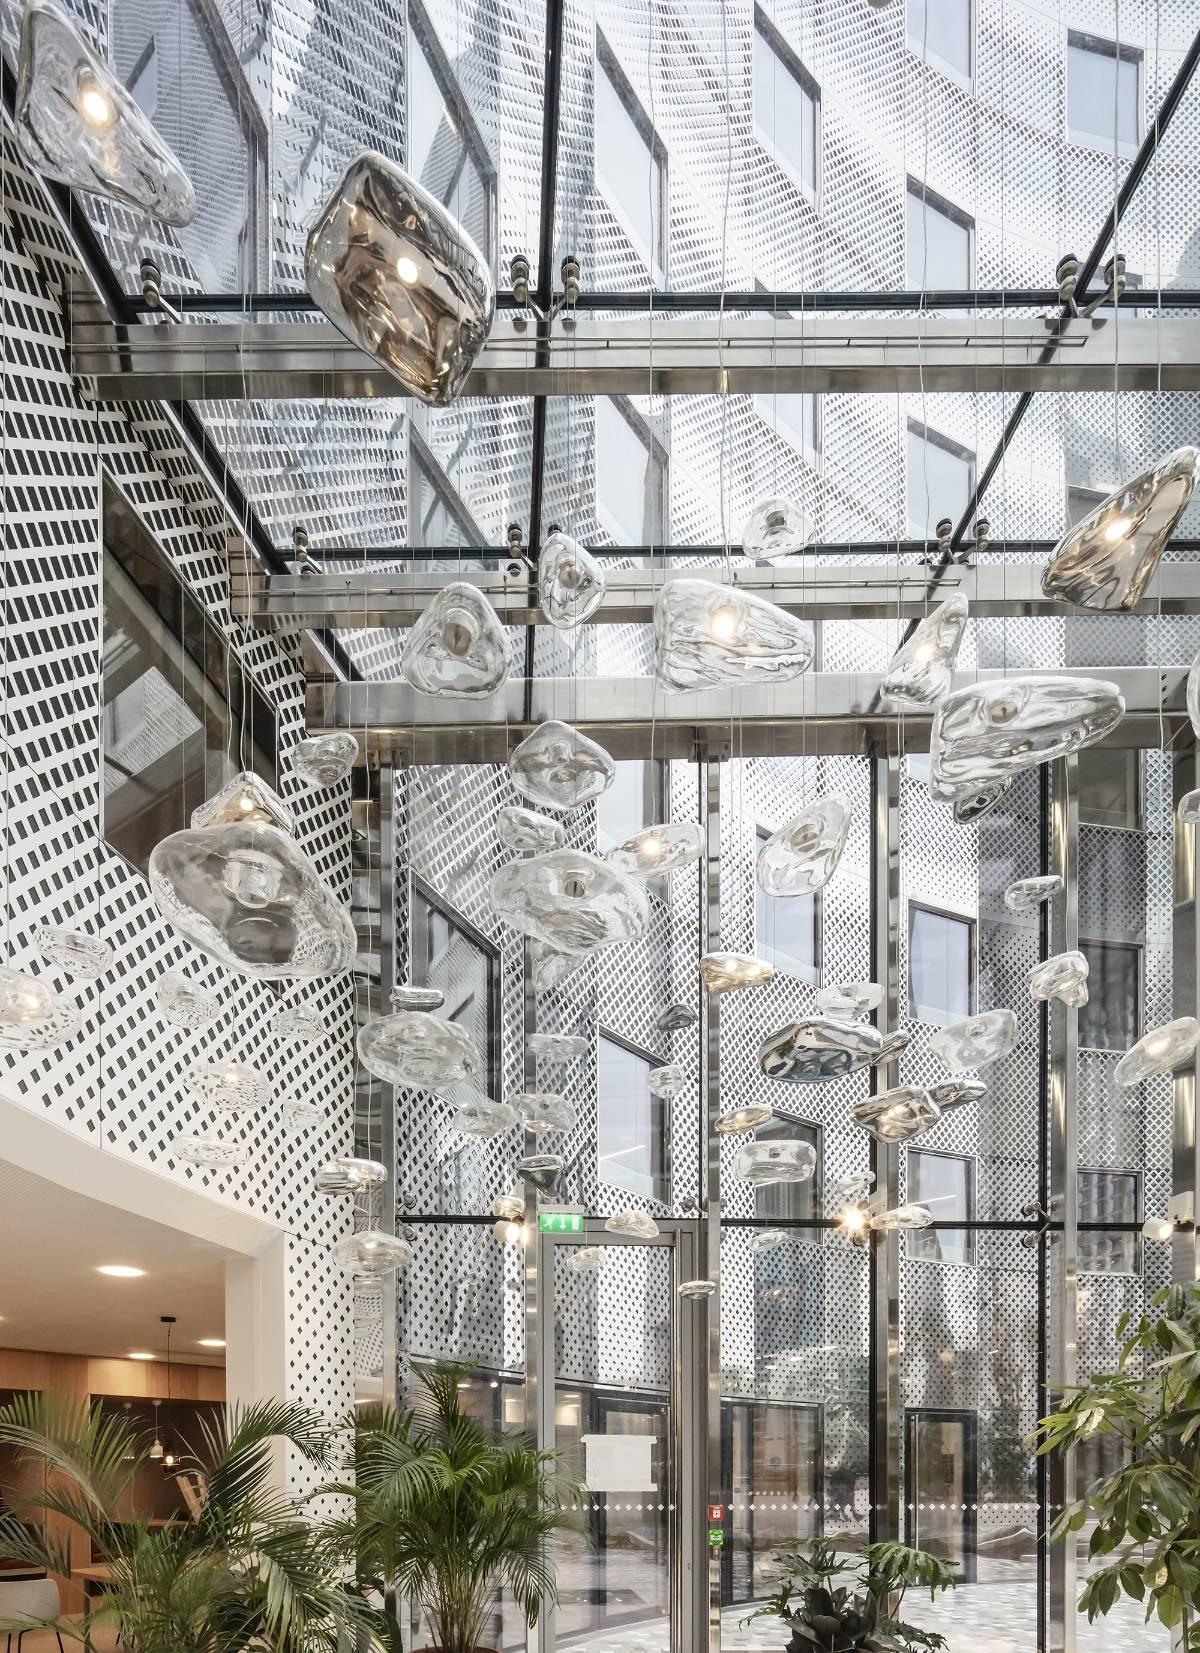 Isa Moss, Mercure & Eau, 2019 (Le Belvédère, Puteaux, Vinci Immobilier, Axel Schoenert architectes) © Luc Boegly